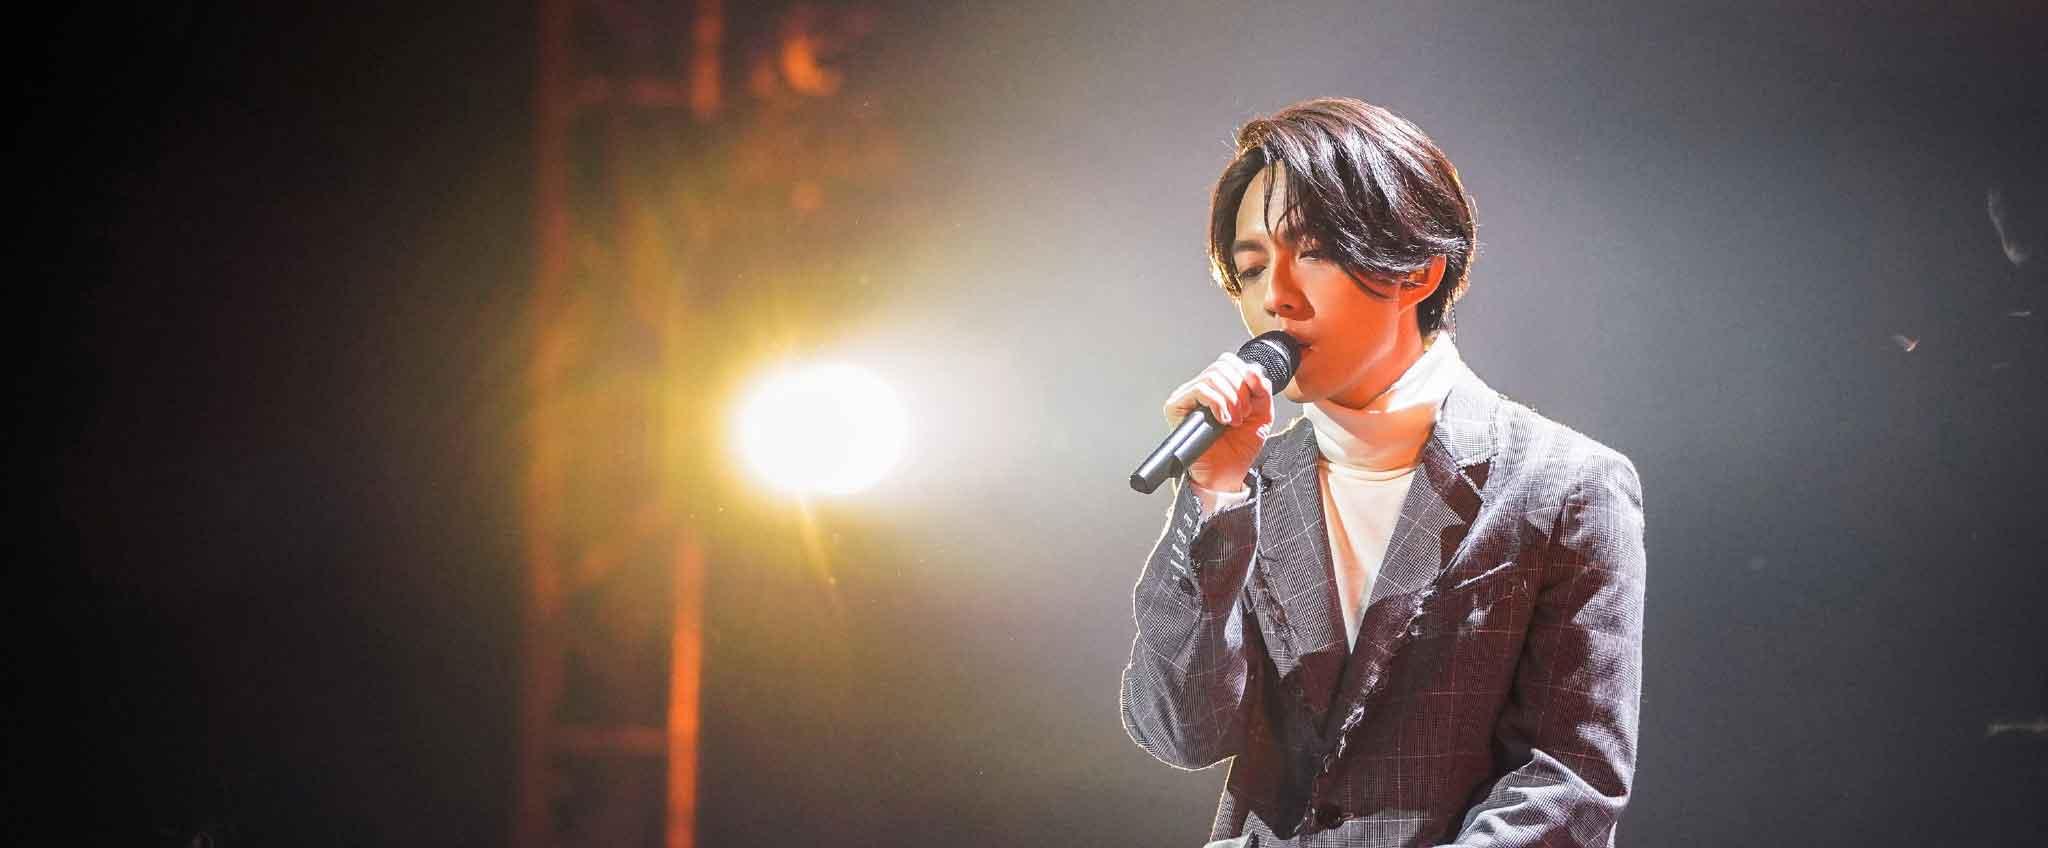 《中国音乐公告牌》林宥嘉特意为节目改编《飞》